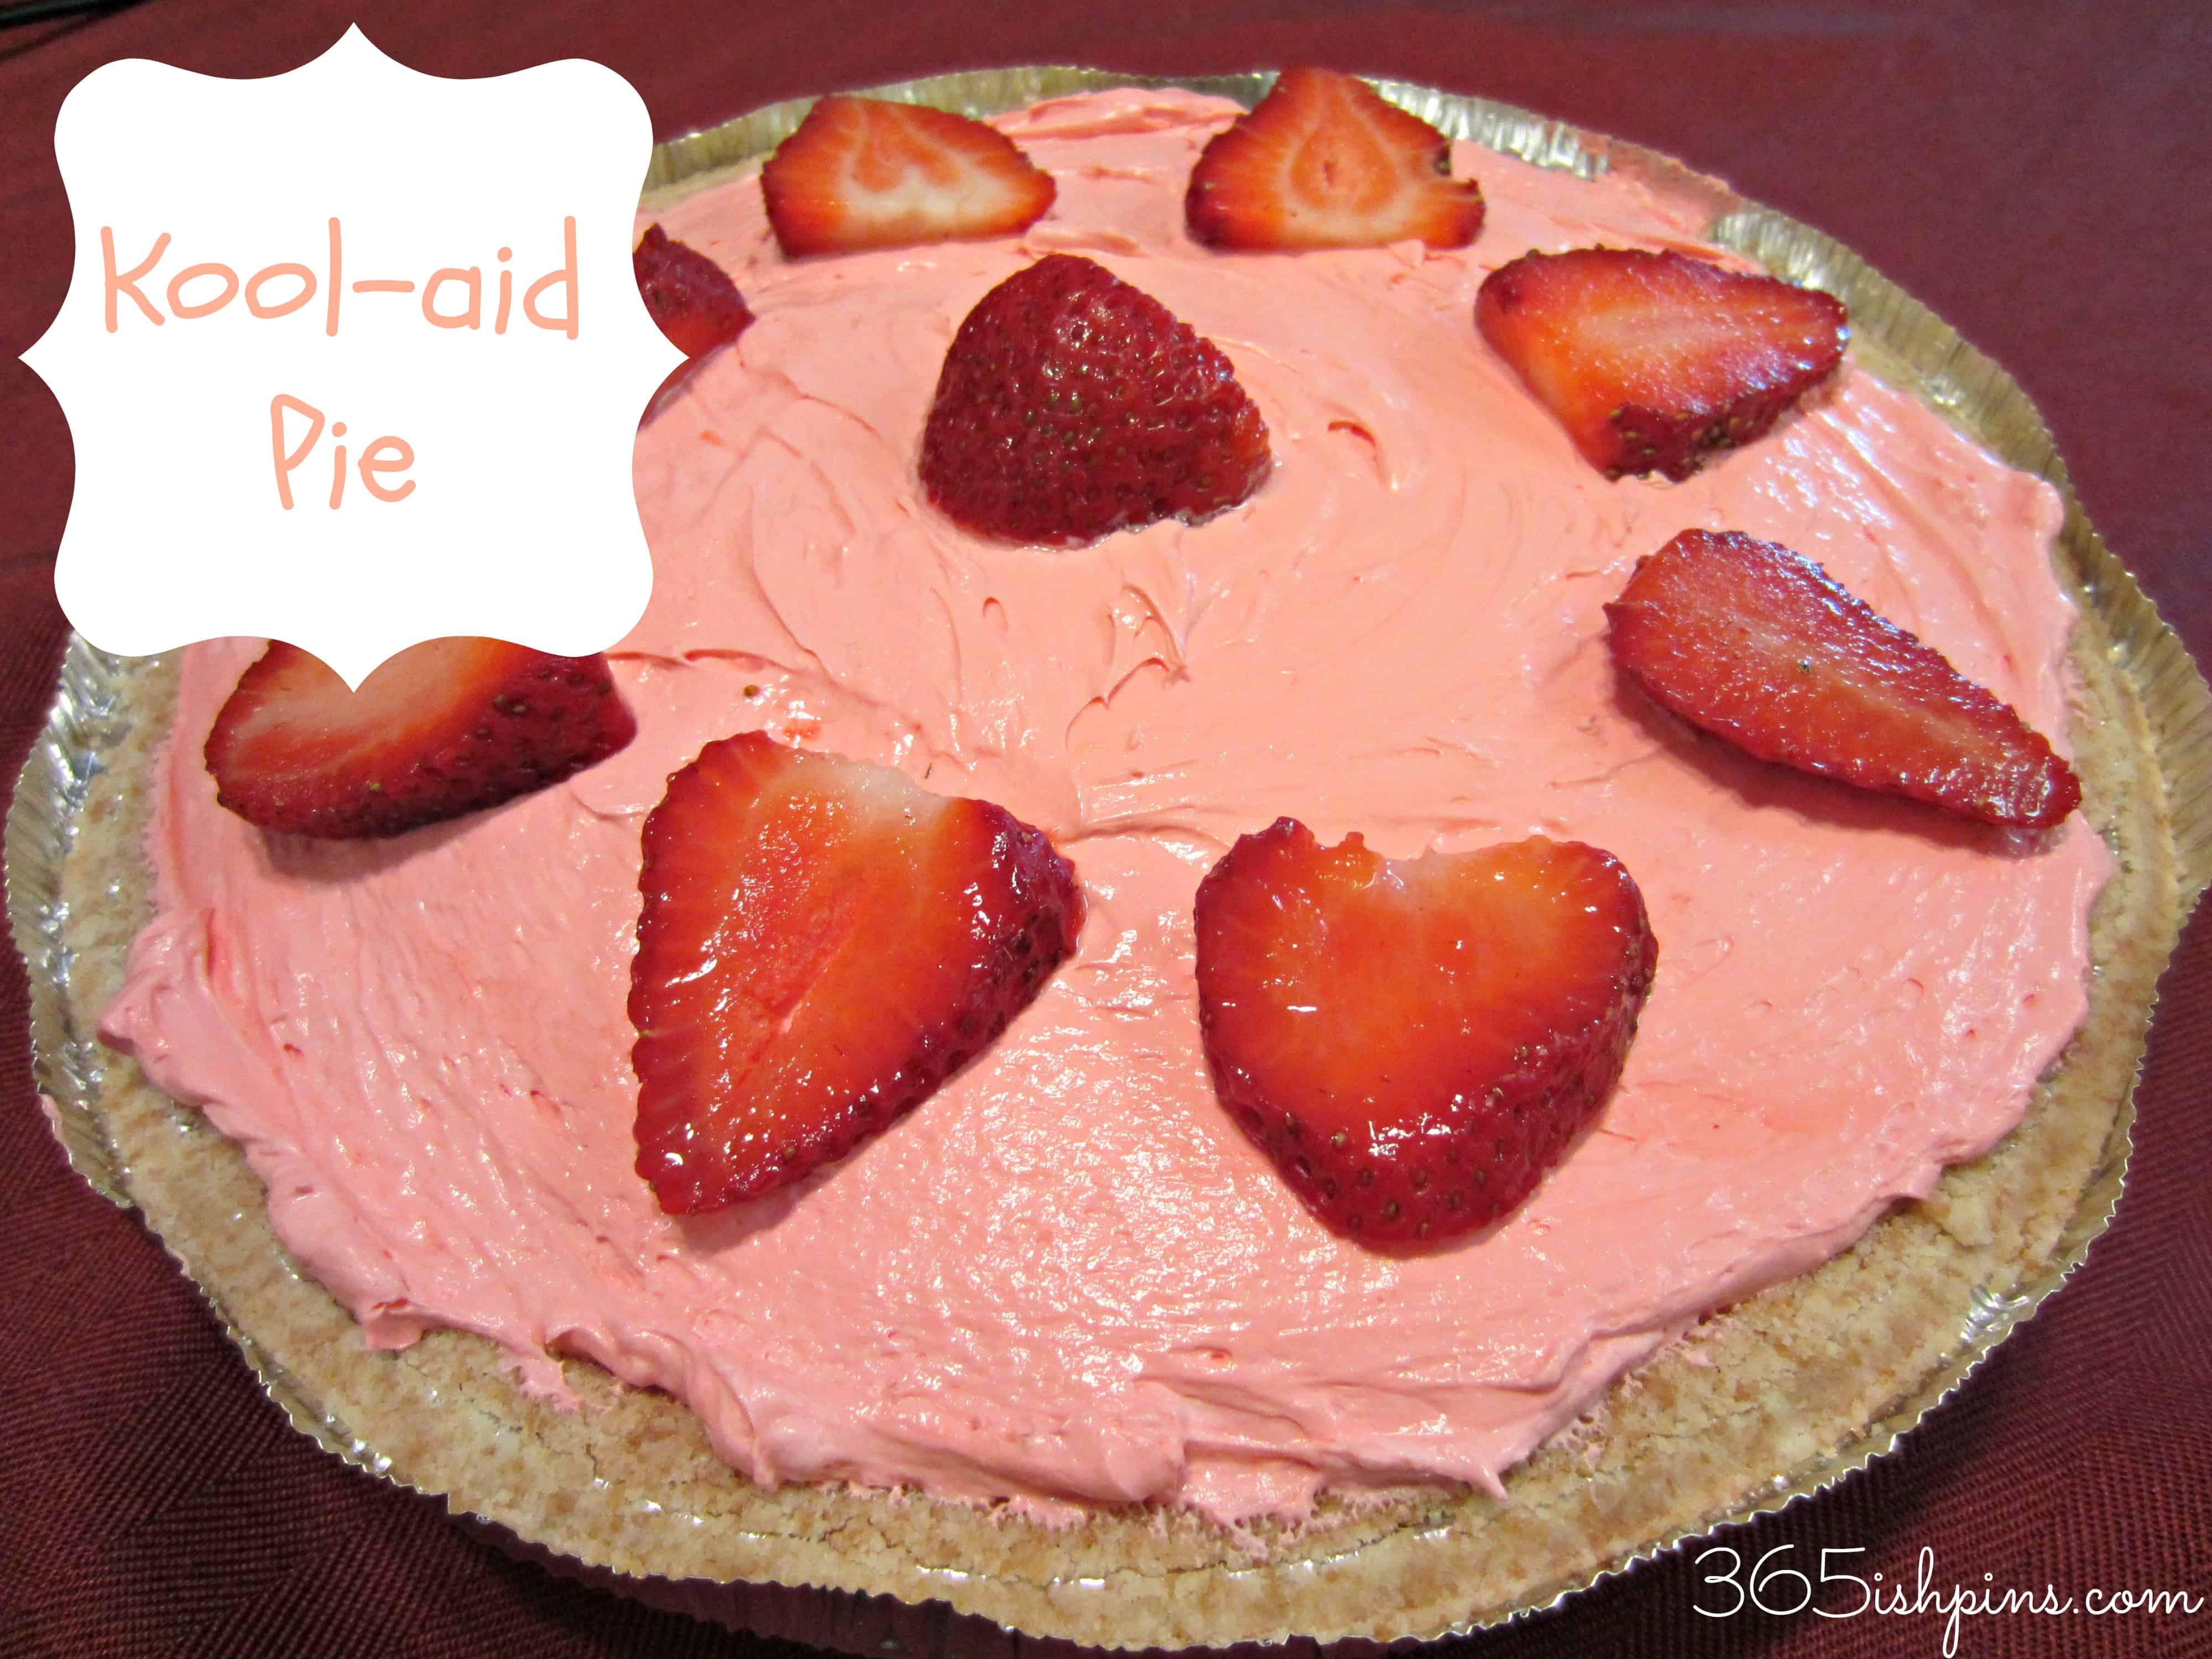 Koolaid Pie Recipes  Day 355 Kool Aid Pie Simple and Seasonal